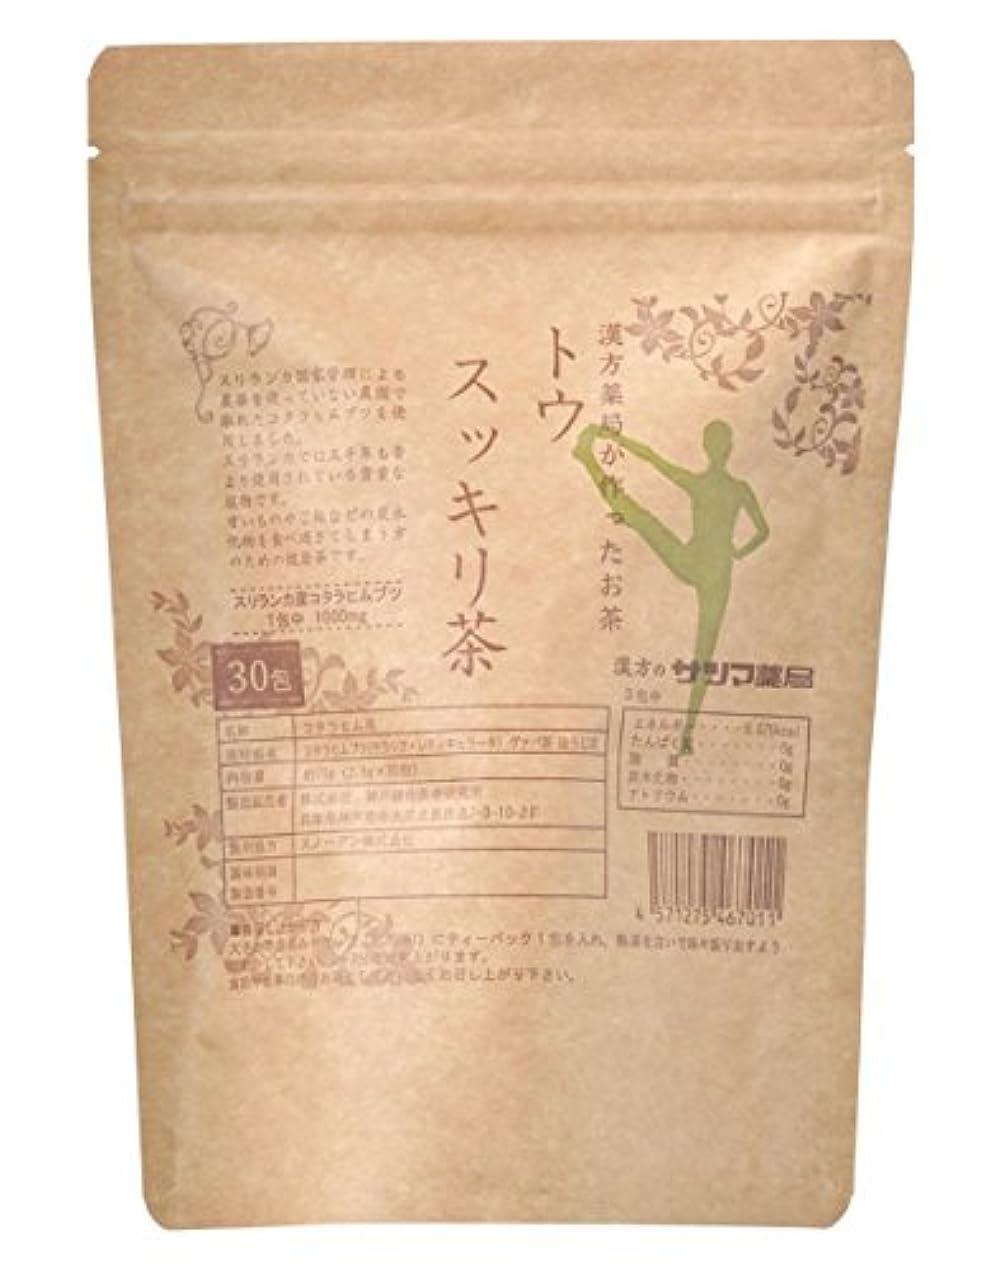 器用スナップリベラルサツマ薬局 ダイエットティー トウスッキリ茶 30包 ティーパック 高濃度コタラヒム茶 ほうじ茶